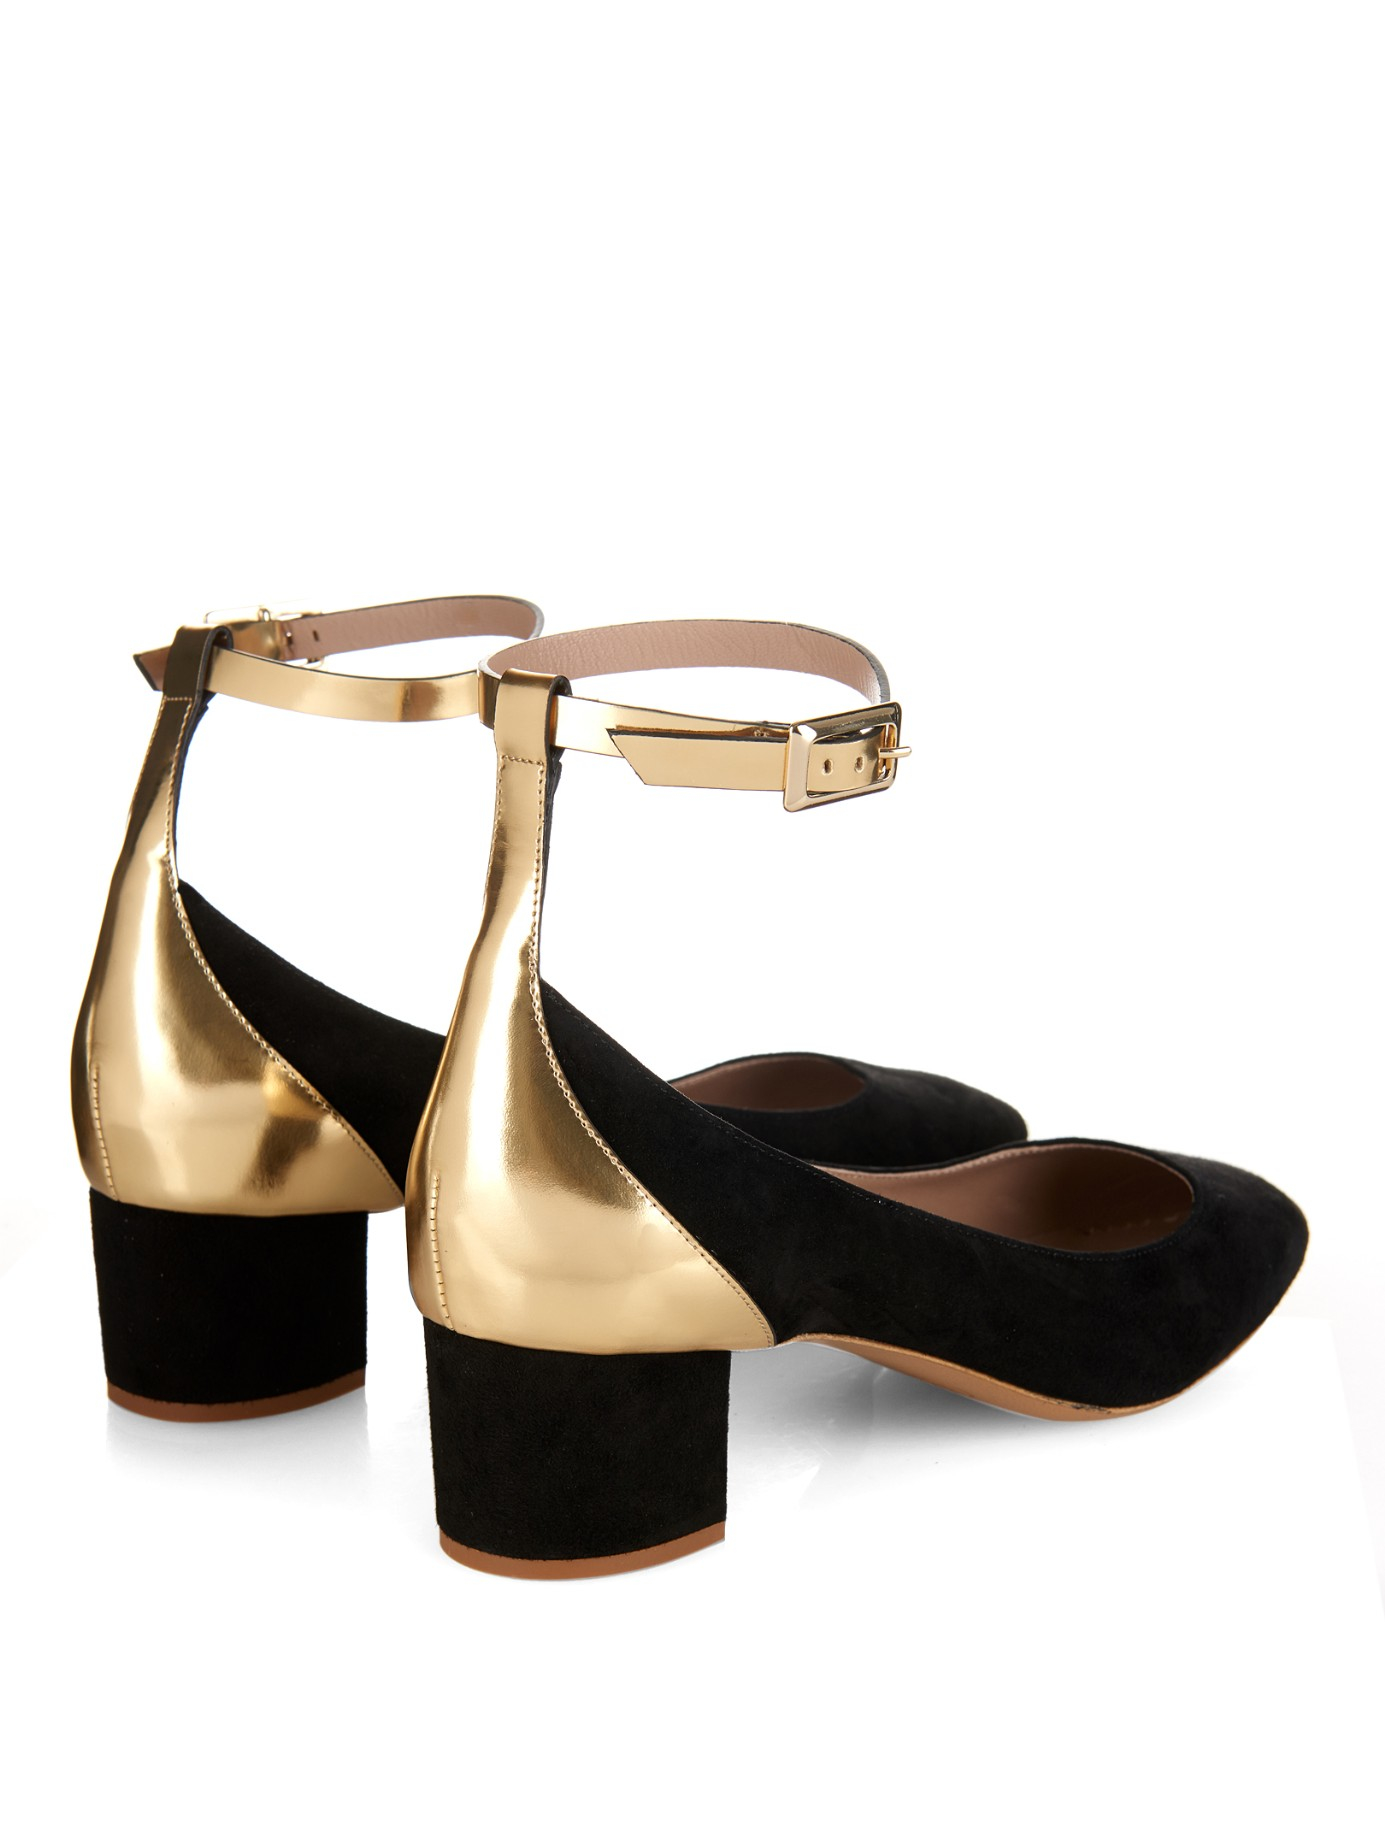 Gold Low Block Heel Shoes